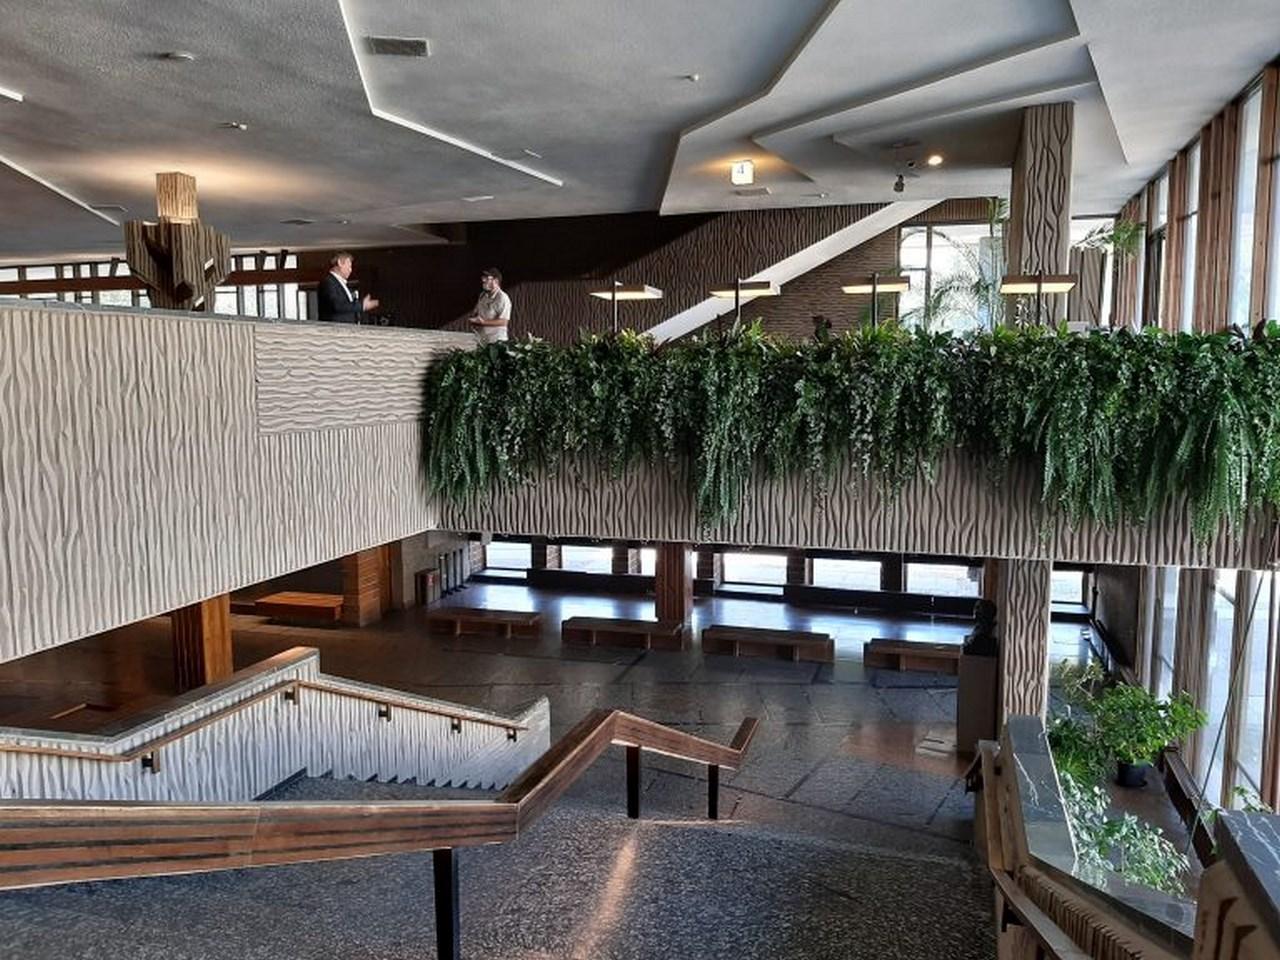 МХАТ. Лестница на второй этаж